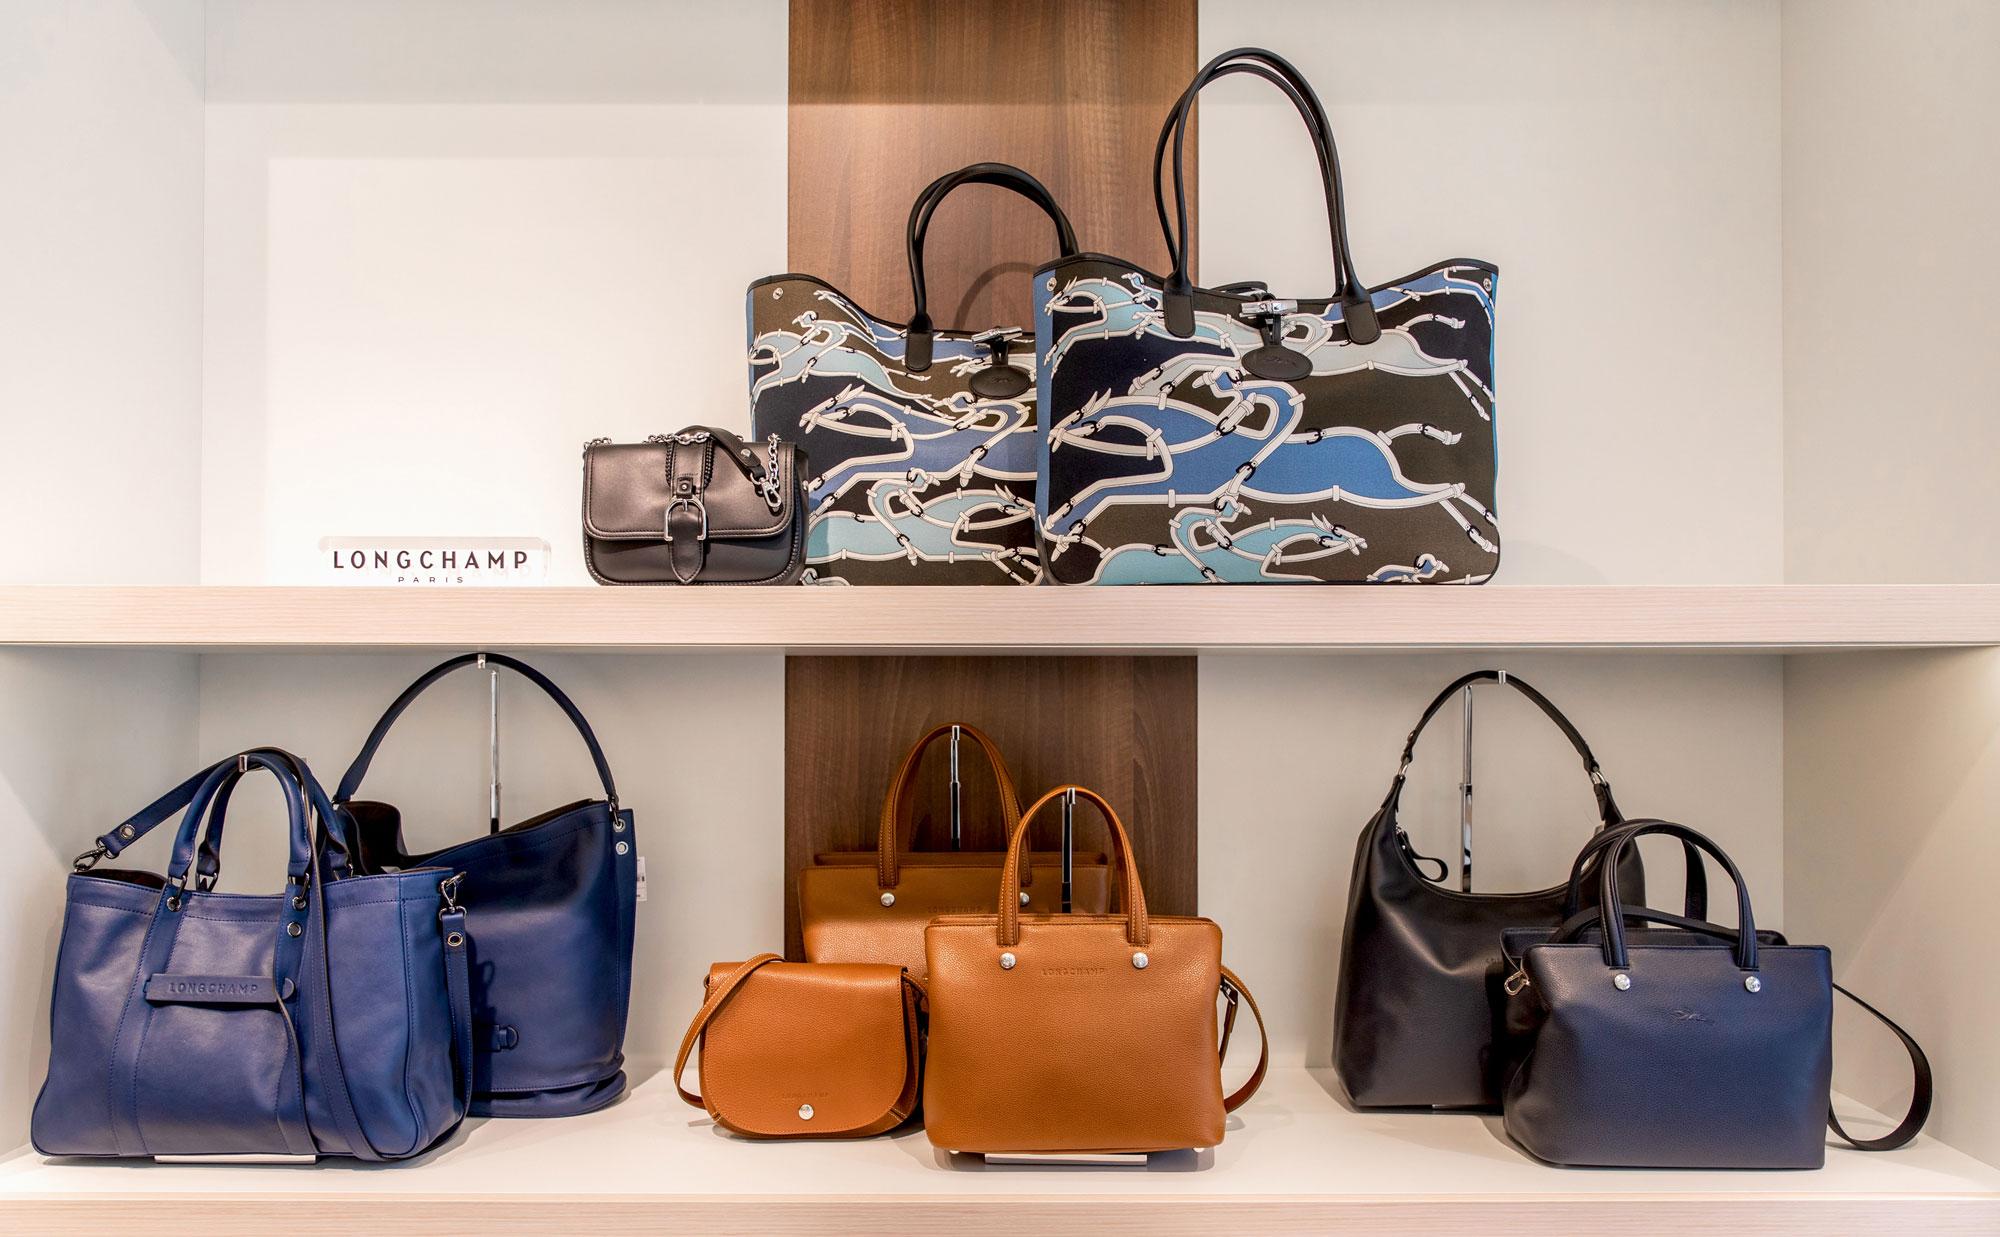 longchamp taschen in berlin kaufen